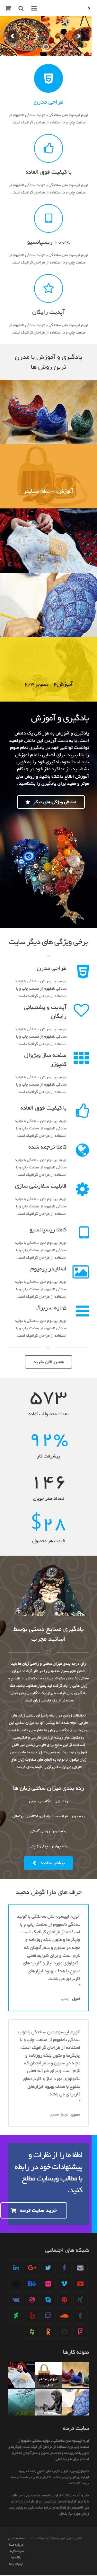 حالت موبایل سایت آموزشی ترمه